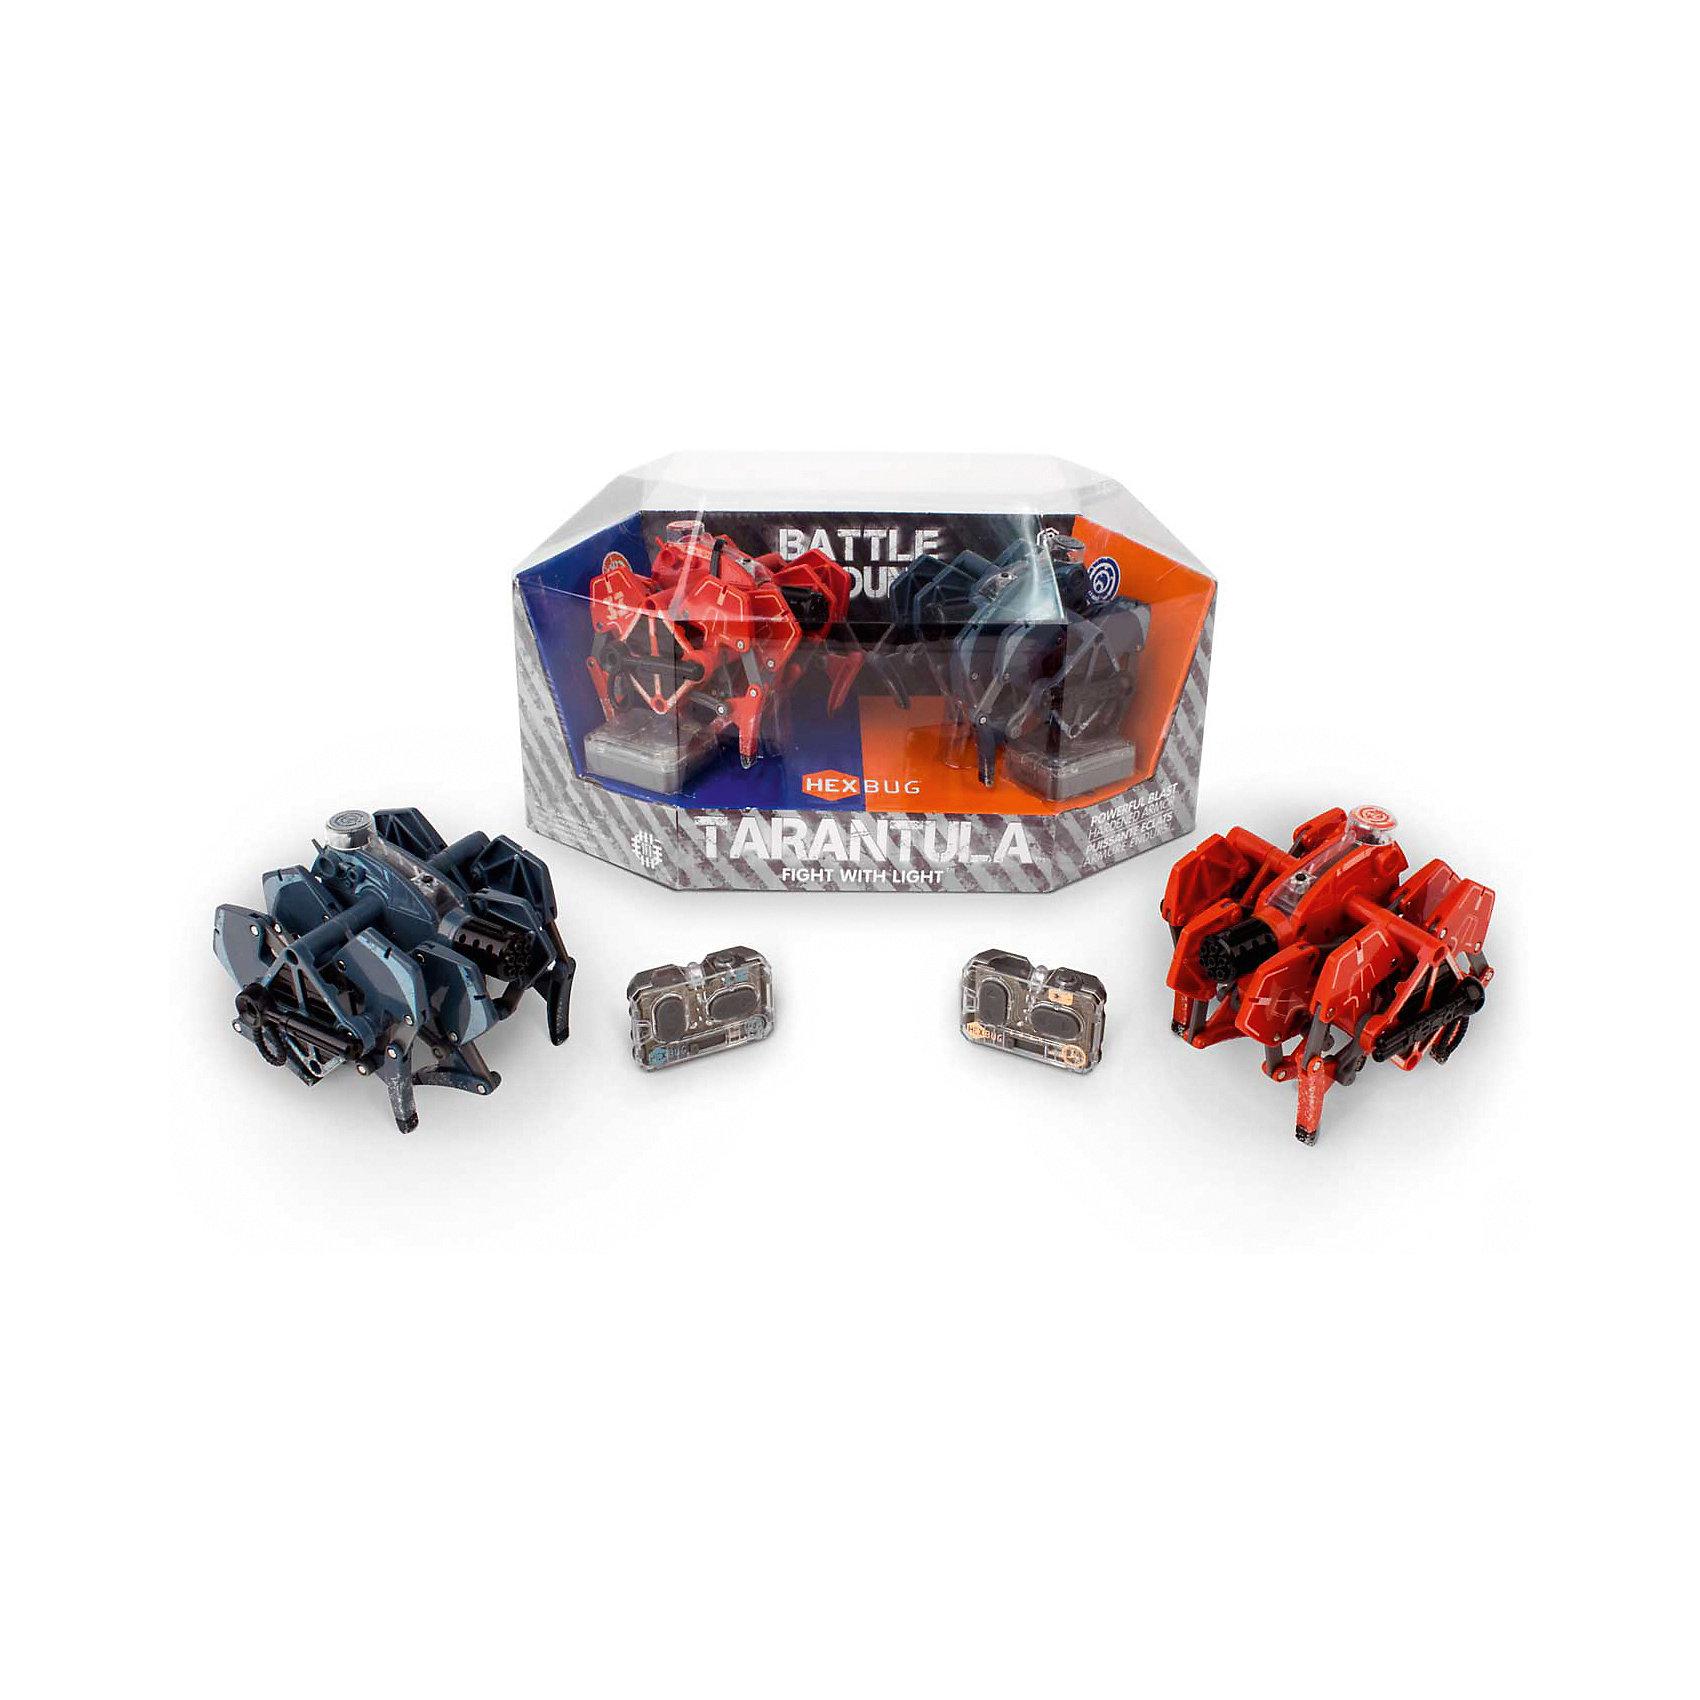 Набор из двух микро-роботов Battle Tarantula, HexbugИнтерактивные игрушки для малышей<br>Набор из двух микро-роботов Battle Tarantula, Hexbug (Хексбаг)<br><br>Характеристики:<br><br>• световые и звуковые эффекты<br>• автоматическое отключение<br>• батарейки: LR44 - 5 шт.<br>• материал: пластик, металл<br>• размер упаковки: 20х30х15 см<br>• вес: 415 грамм<br><br>Микророботы Battle Tarantula понравятся каждому любителю захватывающих сражений. Прочная конструкция робота способна выдержать удар самого сильного противника. Игрушки оснащены световыми и звуковыми эффектами. После десяти попаданий по противнику робот автоматически отключается. Выключите и включите робота, чтобы он снова ринулся в бой. В набор входят красный и синий робот. Наблюдать за сражений двух сильных противников очень интересно!<br><br>Набор из двух микро-роботов Battle Tarantula, Hexbug (Хексбаг) вы можете купить в нашем интернет-магазине.<br><br>Ширина мм: 160<br>Глубина мм: 165<br>Высота мм: 300<br>Вес г: 411<br>Возраст от месяцев: 36<br>Возраст до месяцев: 2147483647<br>Пол: Унисекс<br>Возраст: Детский<br>SKU: 5507193